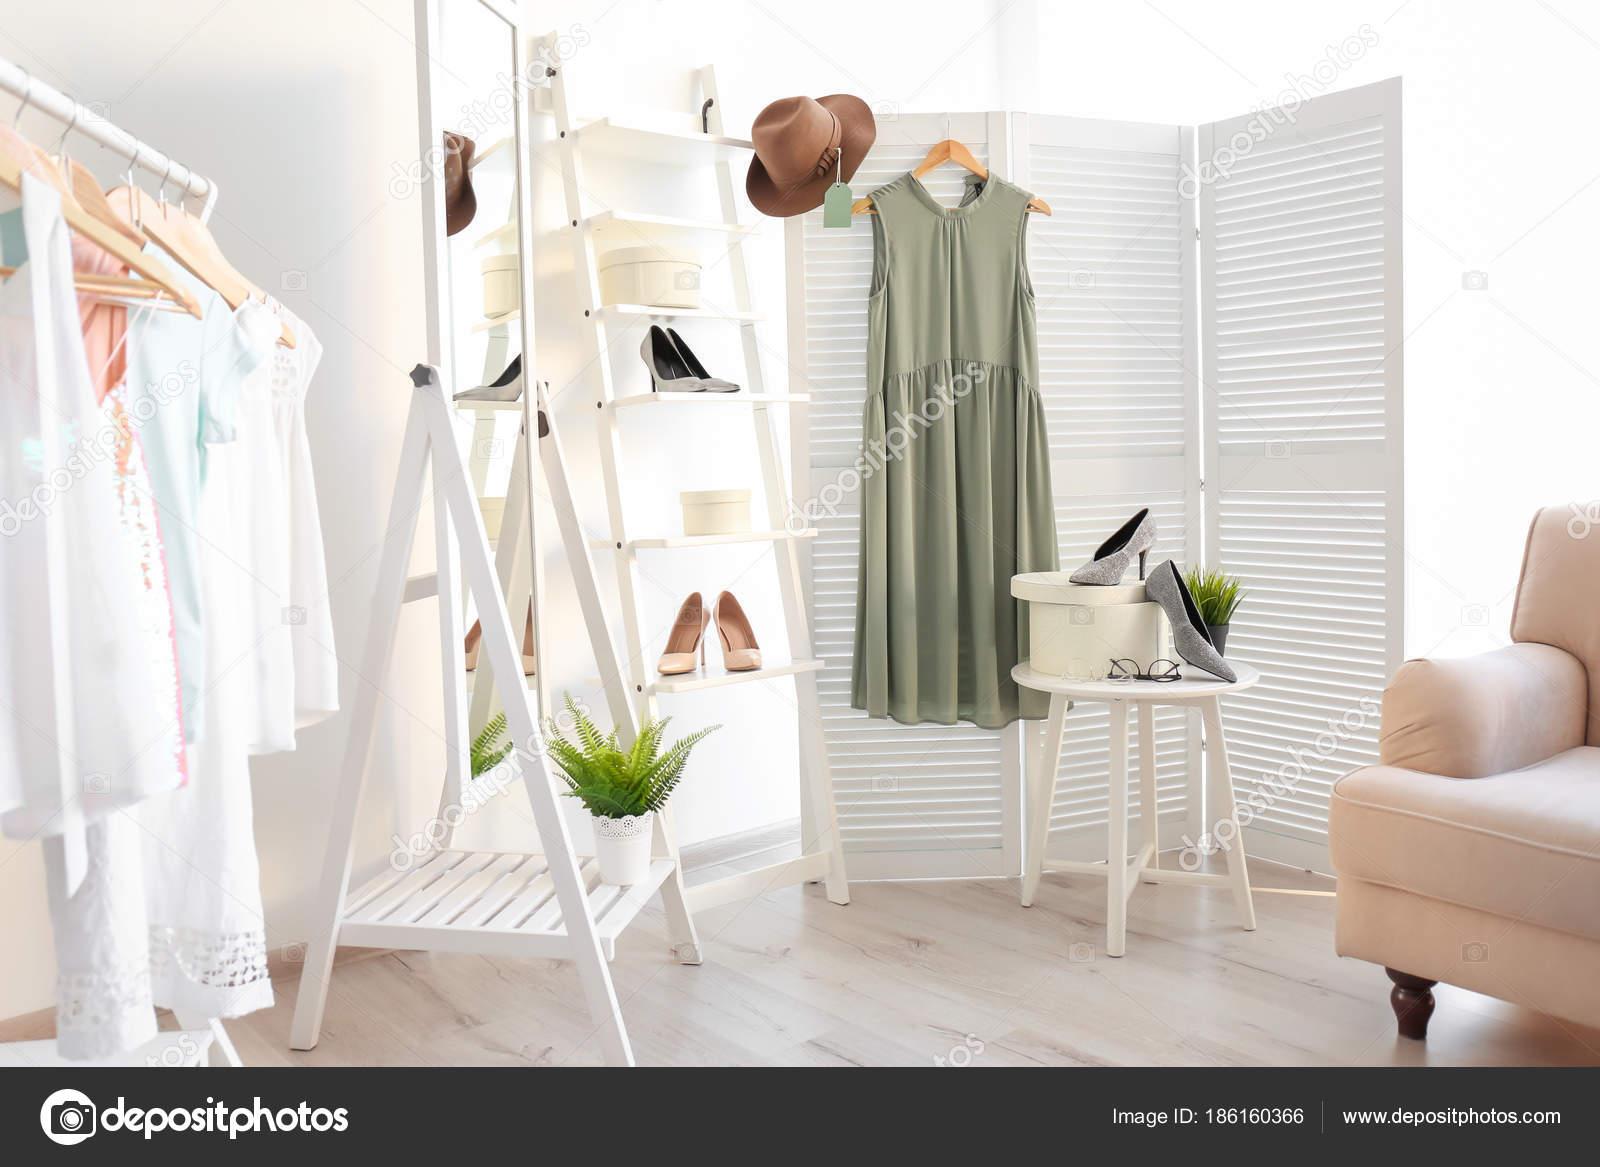 1a5d1643e7ba Stylové oblečení a boty v šatně. Módní šatník — Stock Fotografie ...